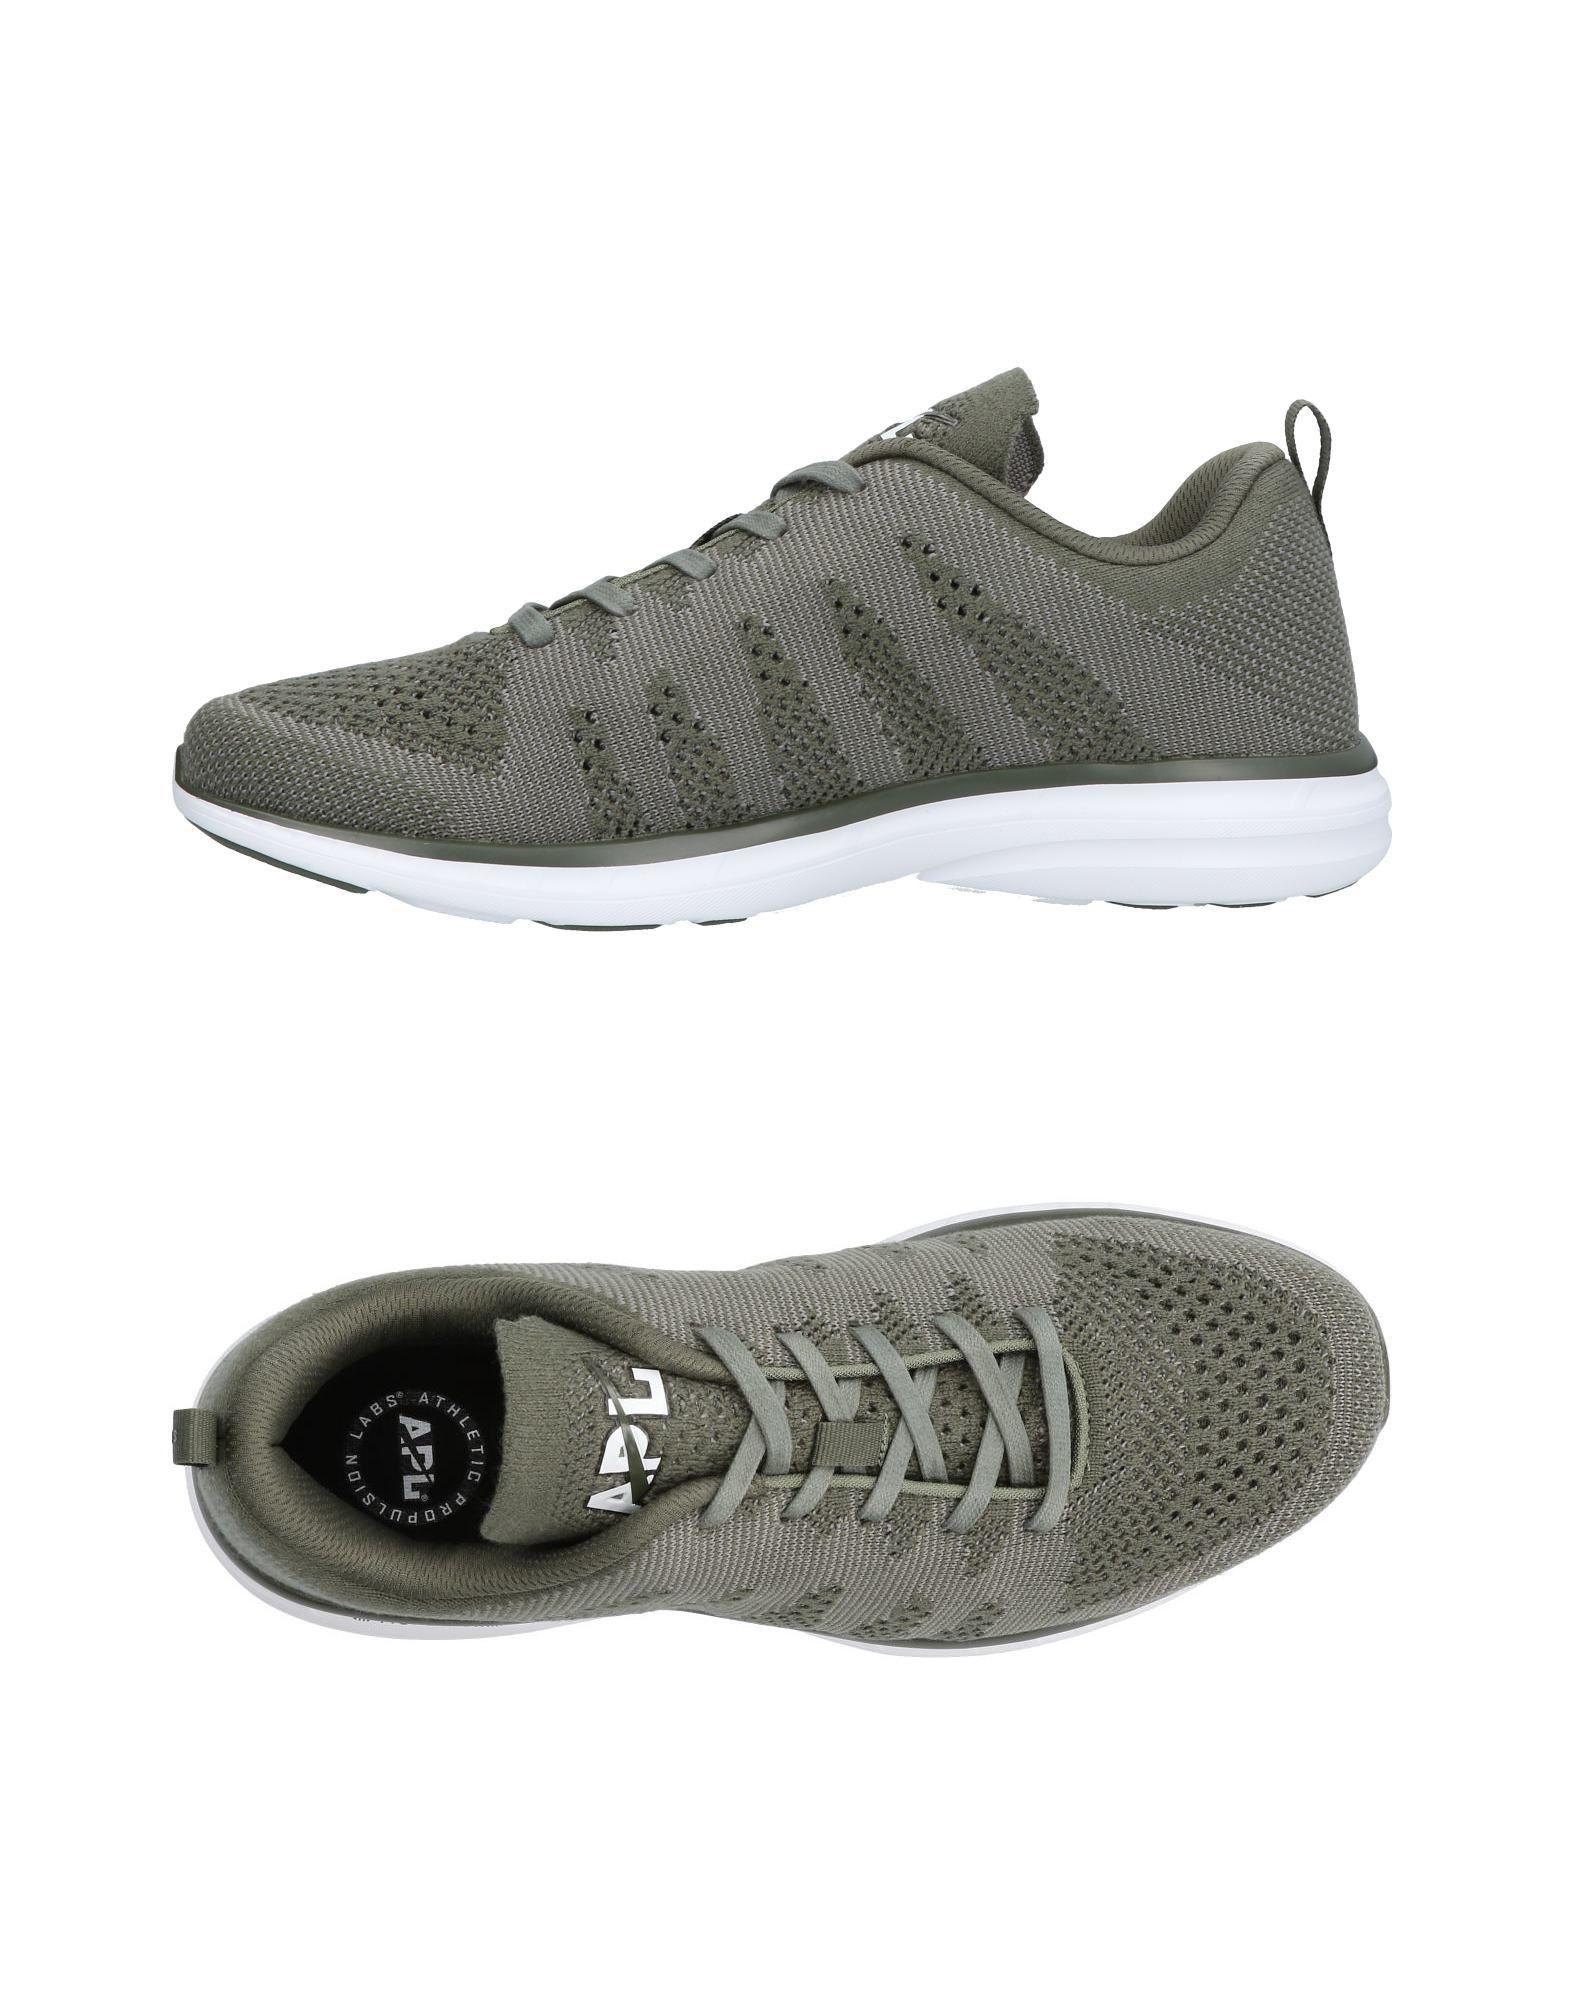 Rabatt Labs echte Schuhe Apl® Athletic Propulsion Labs Rabatt Sneakers Herren  11405287VN 04042e